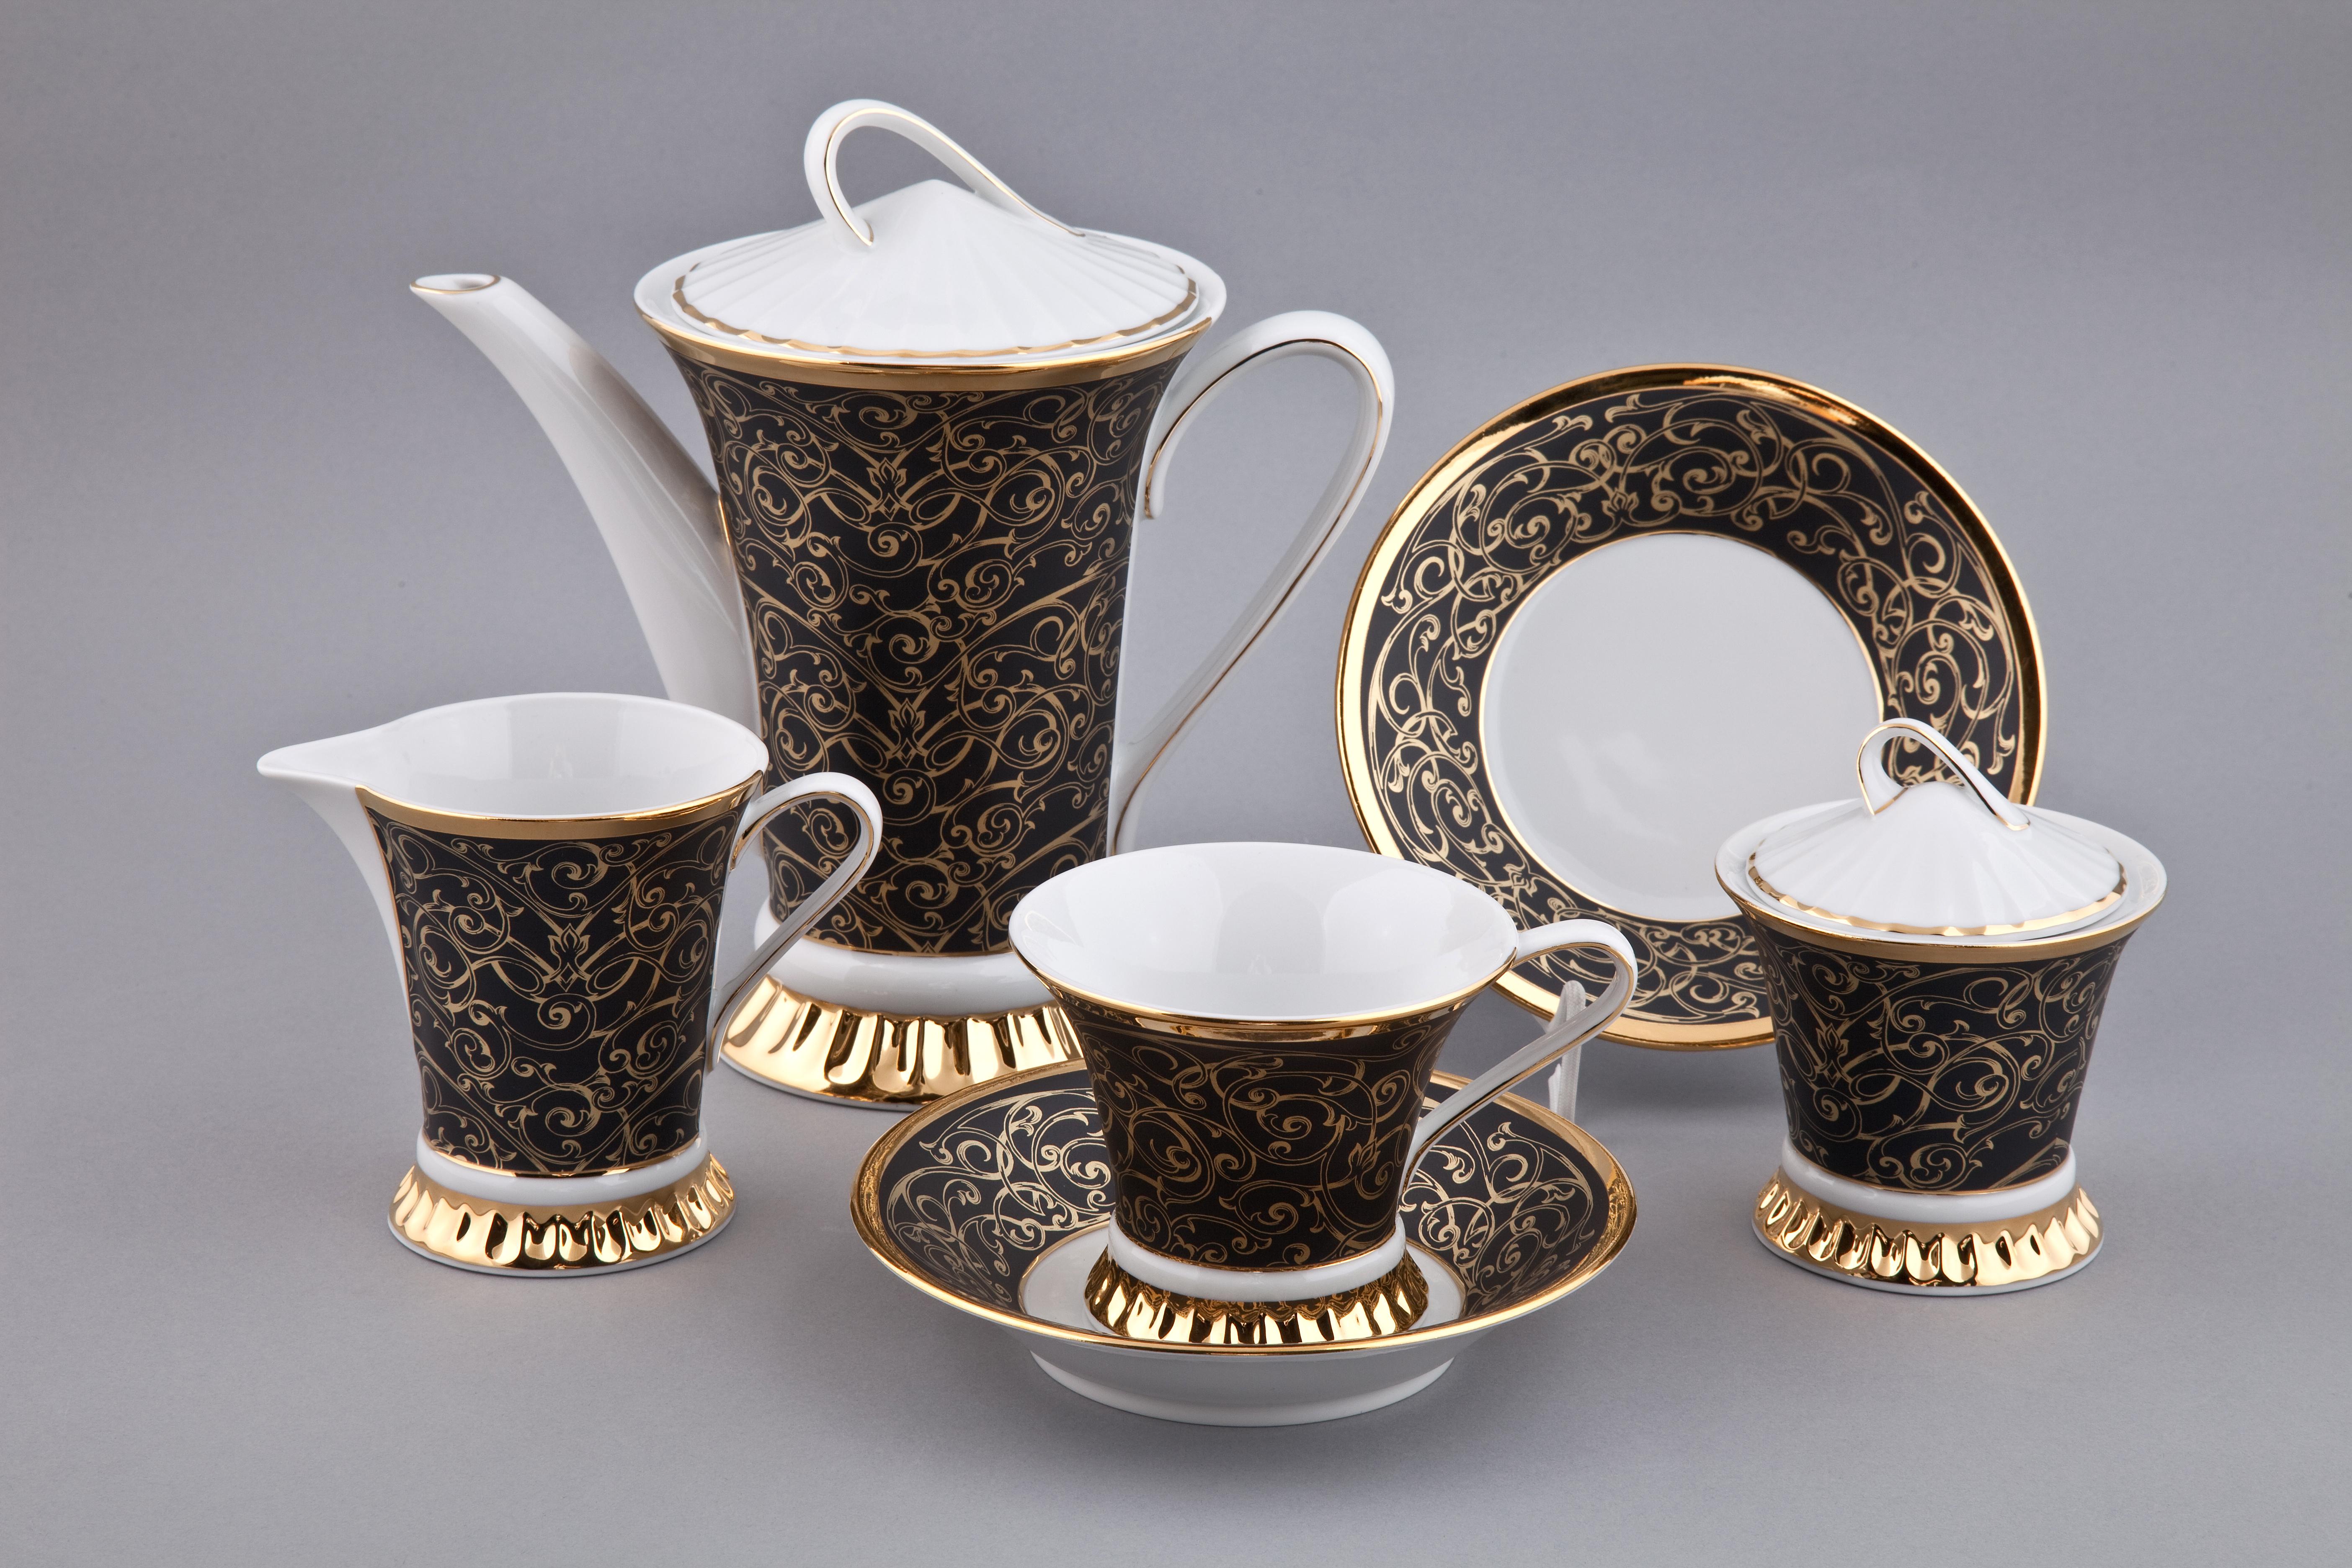 Чайный сервиз ВИЗАНТИЯ (Byzantine) 2244, бело-коричневый с золотом, от Rudolf Kampf